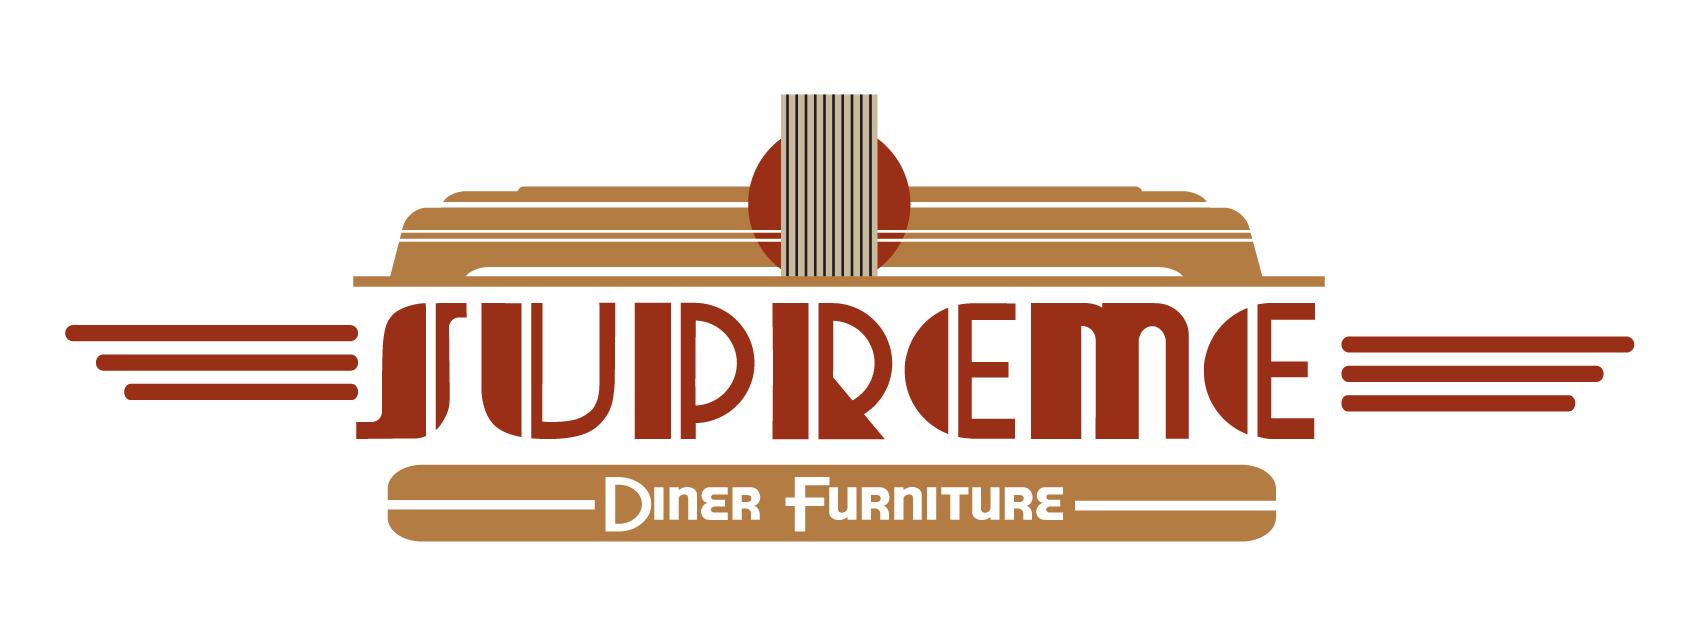 Supreme Diner